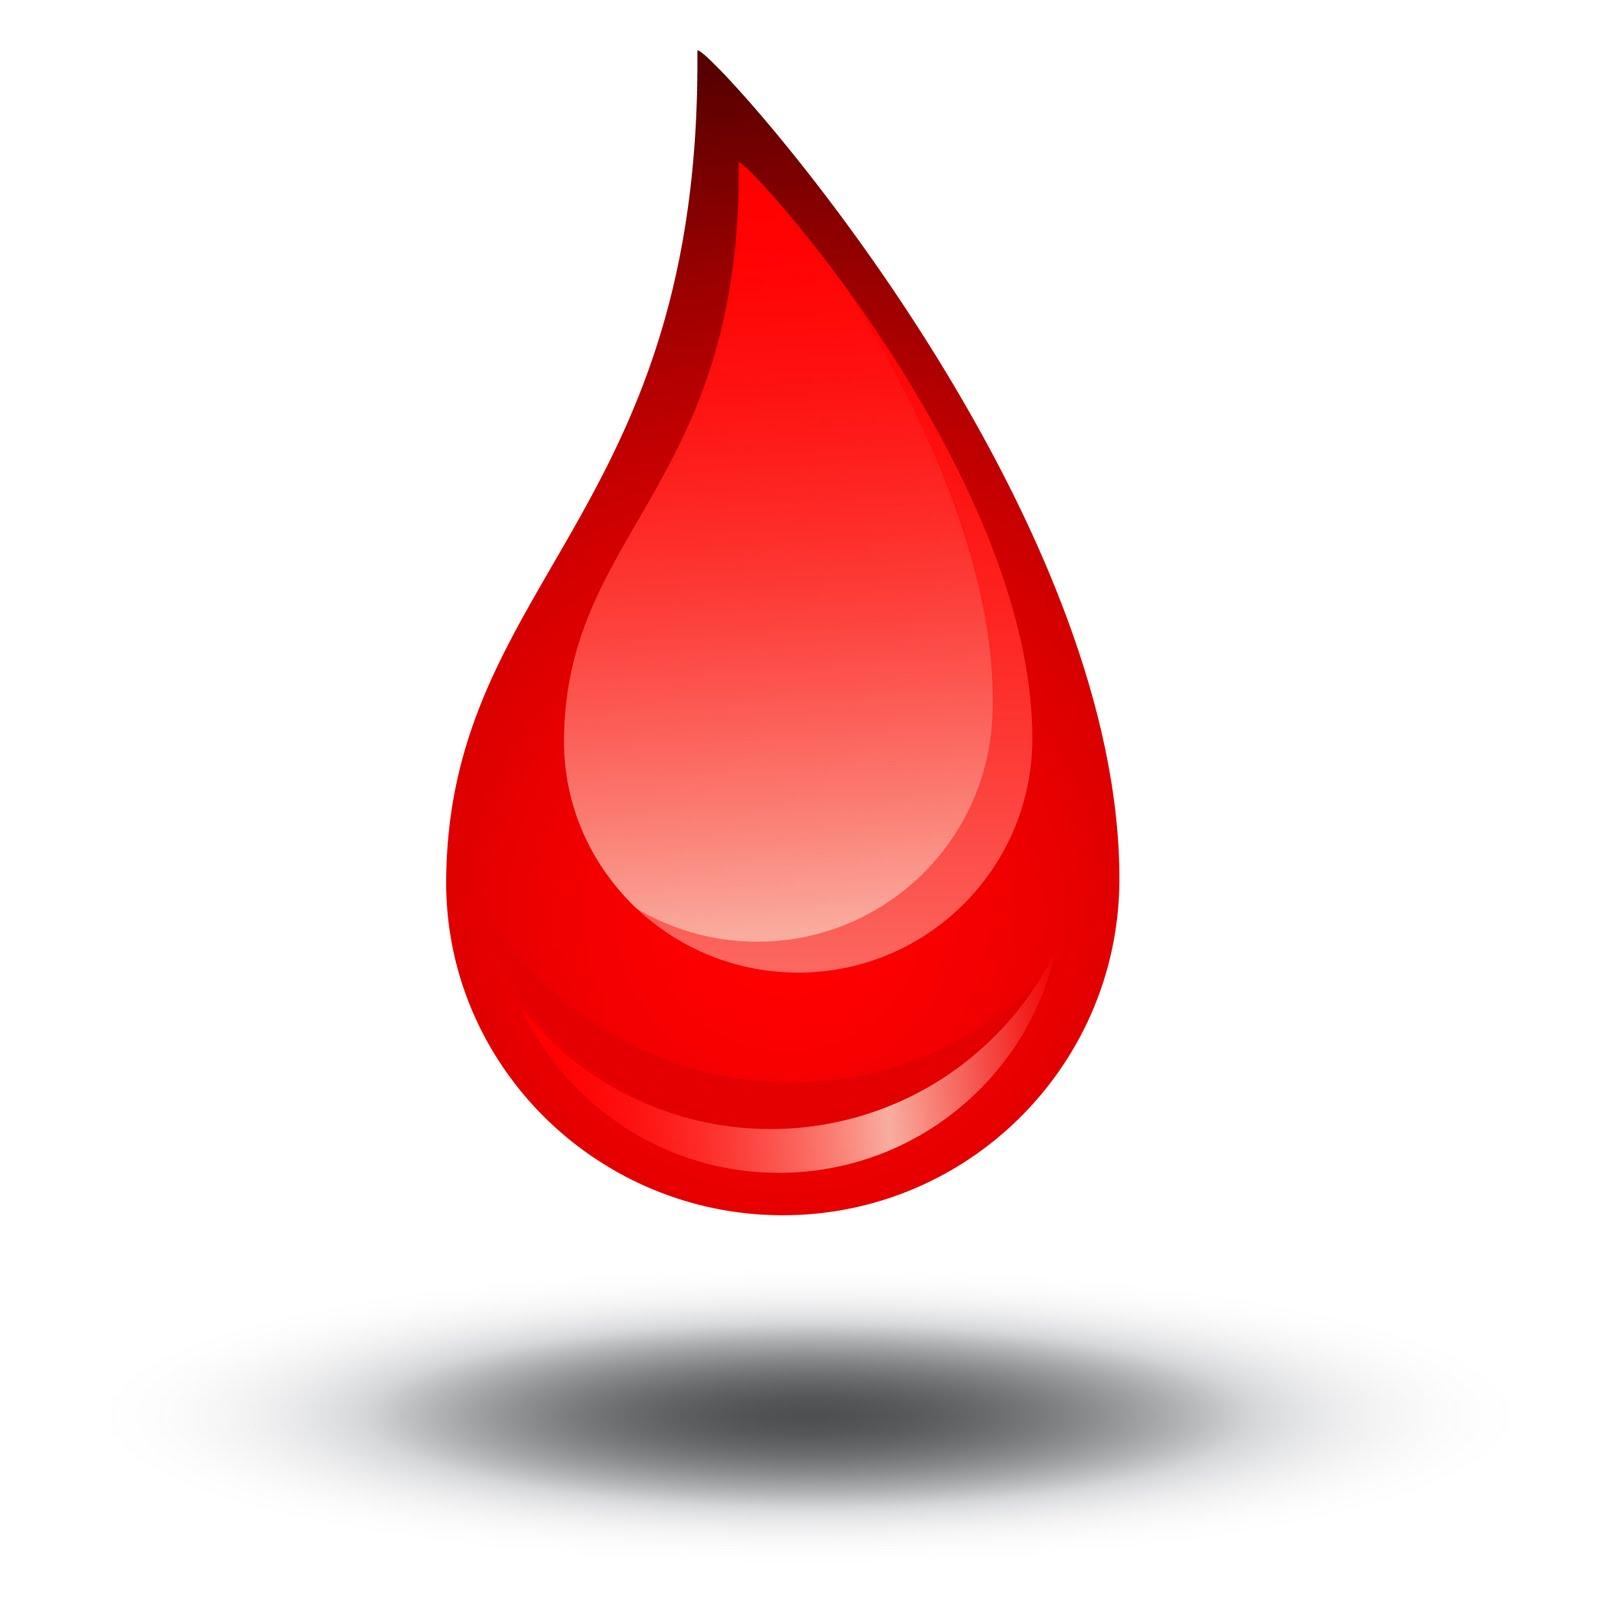 Blood Drop Clipart Images.